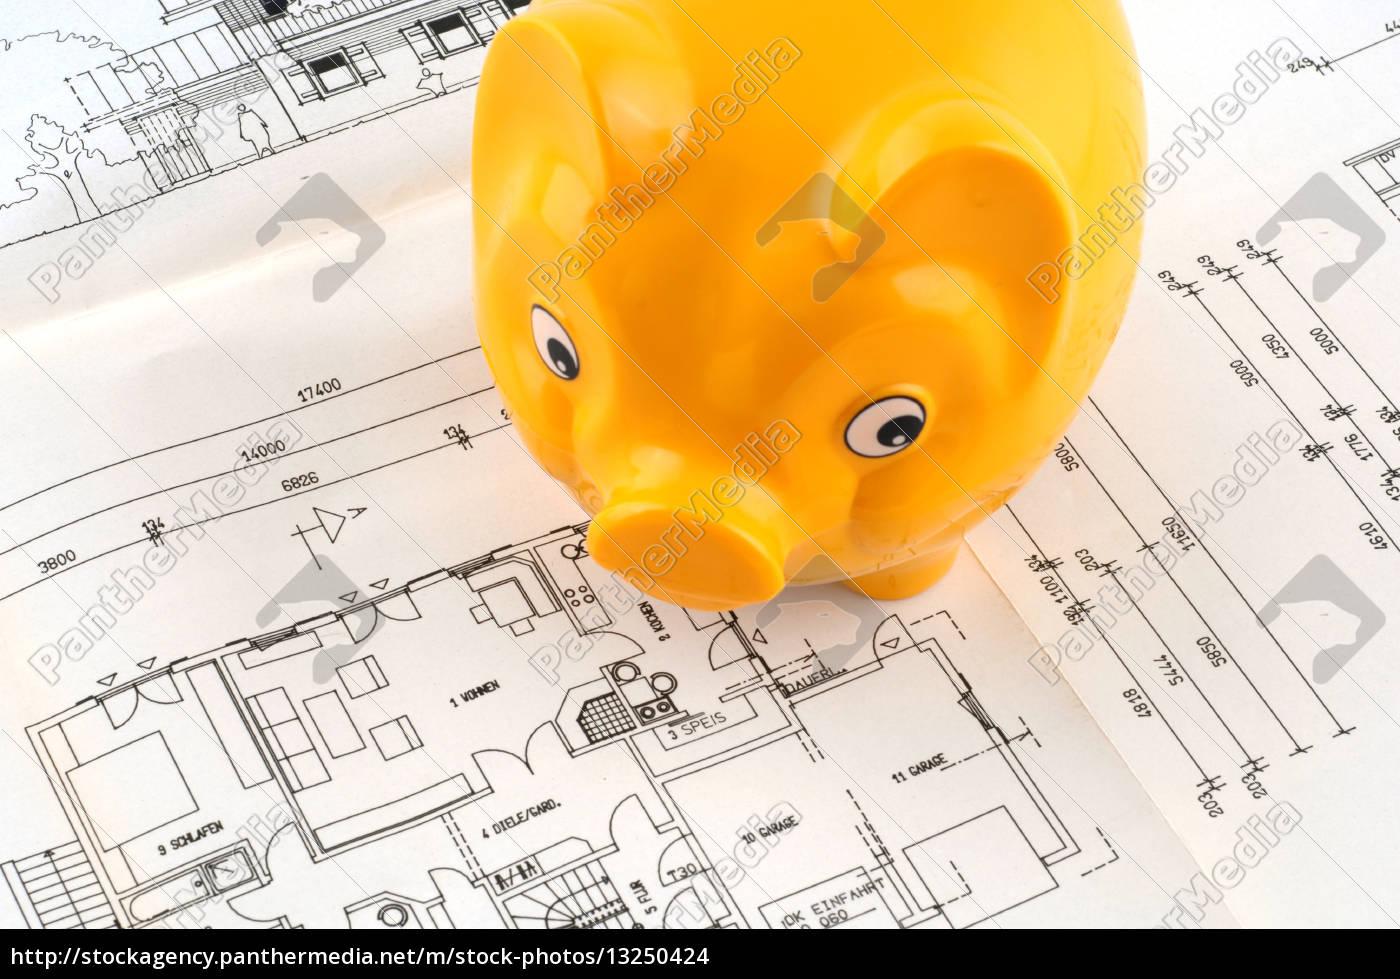 Lizenzfreies Foto 13250424 - Sparen für den Hausbau Architect s plan